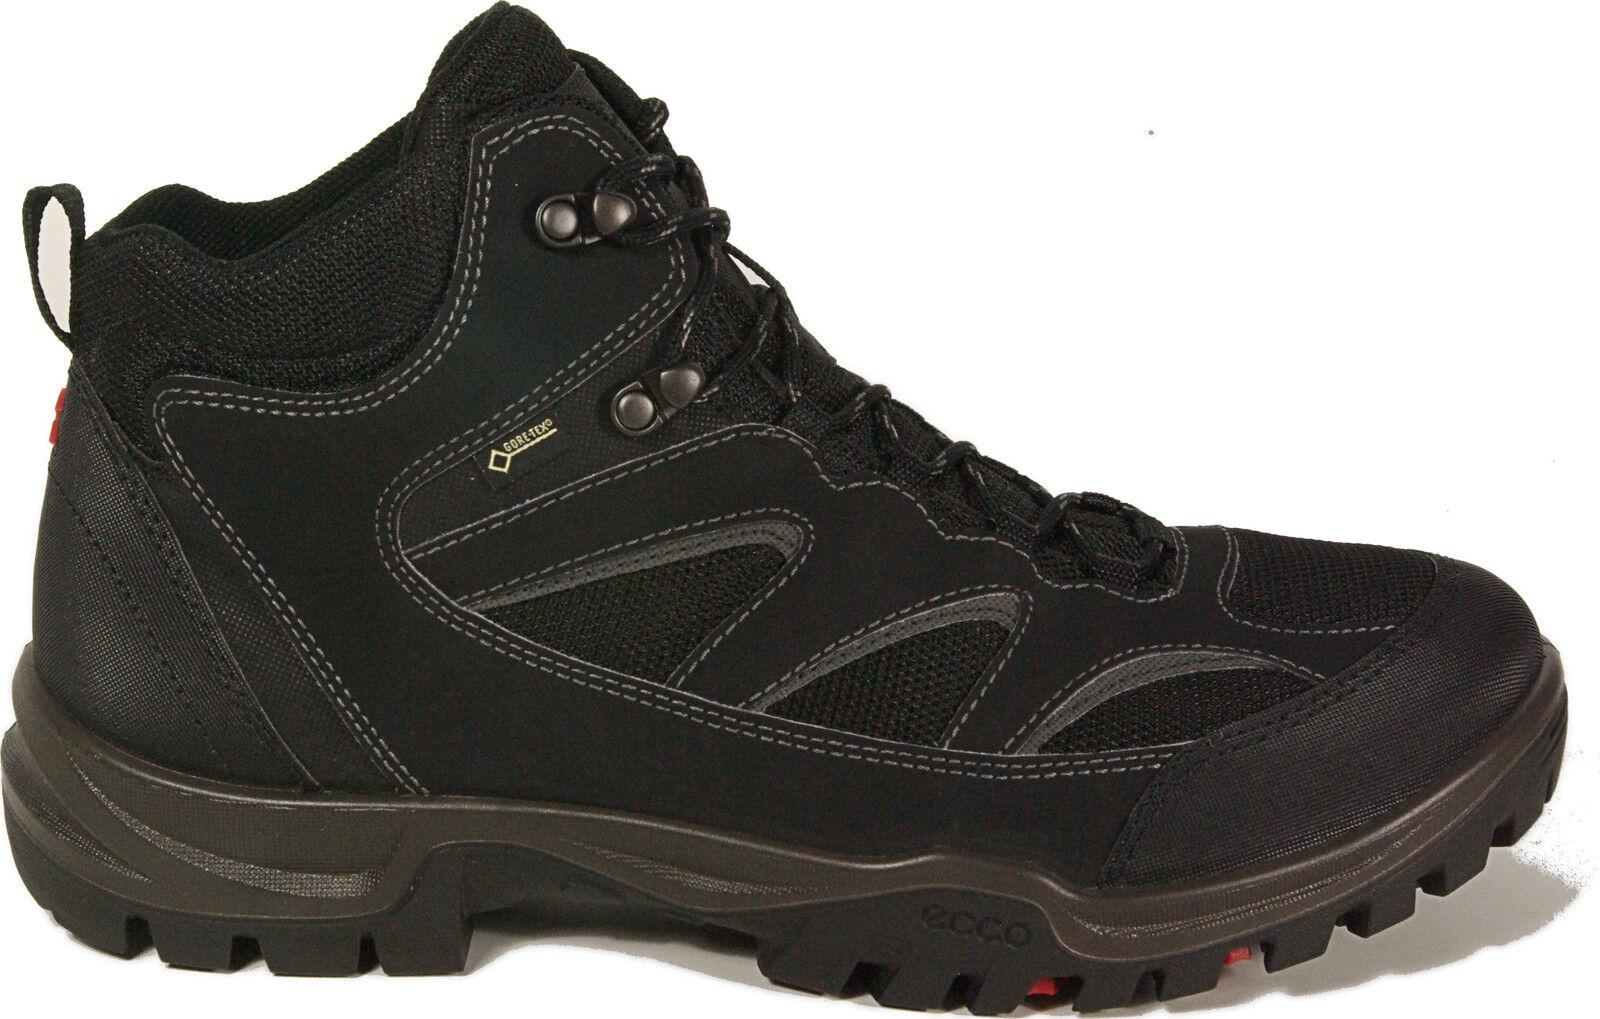 ECCO Schuhe Xpedition II Drag S mid Mid Mid Mid GTX Stiefel  Leder/Textil GORE TEX NEU 798f2c